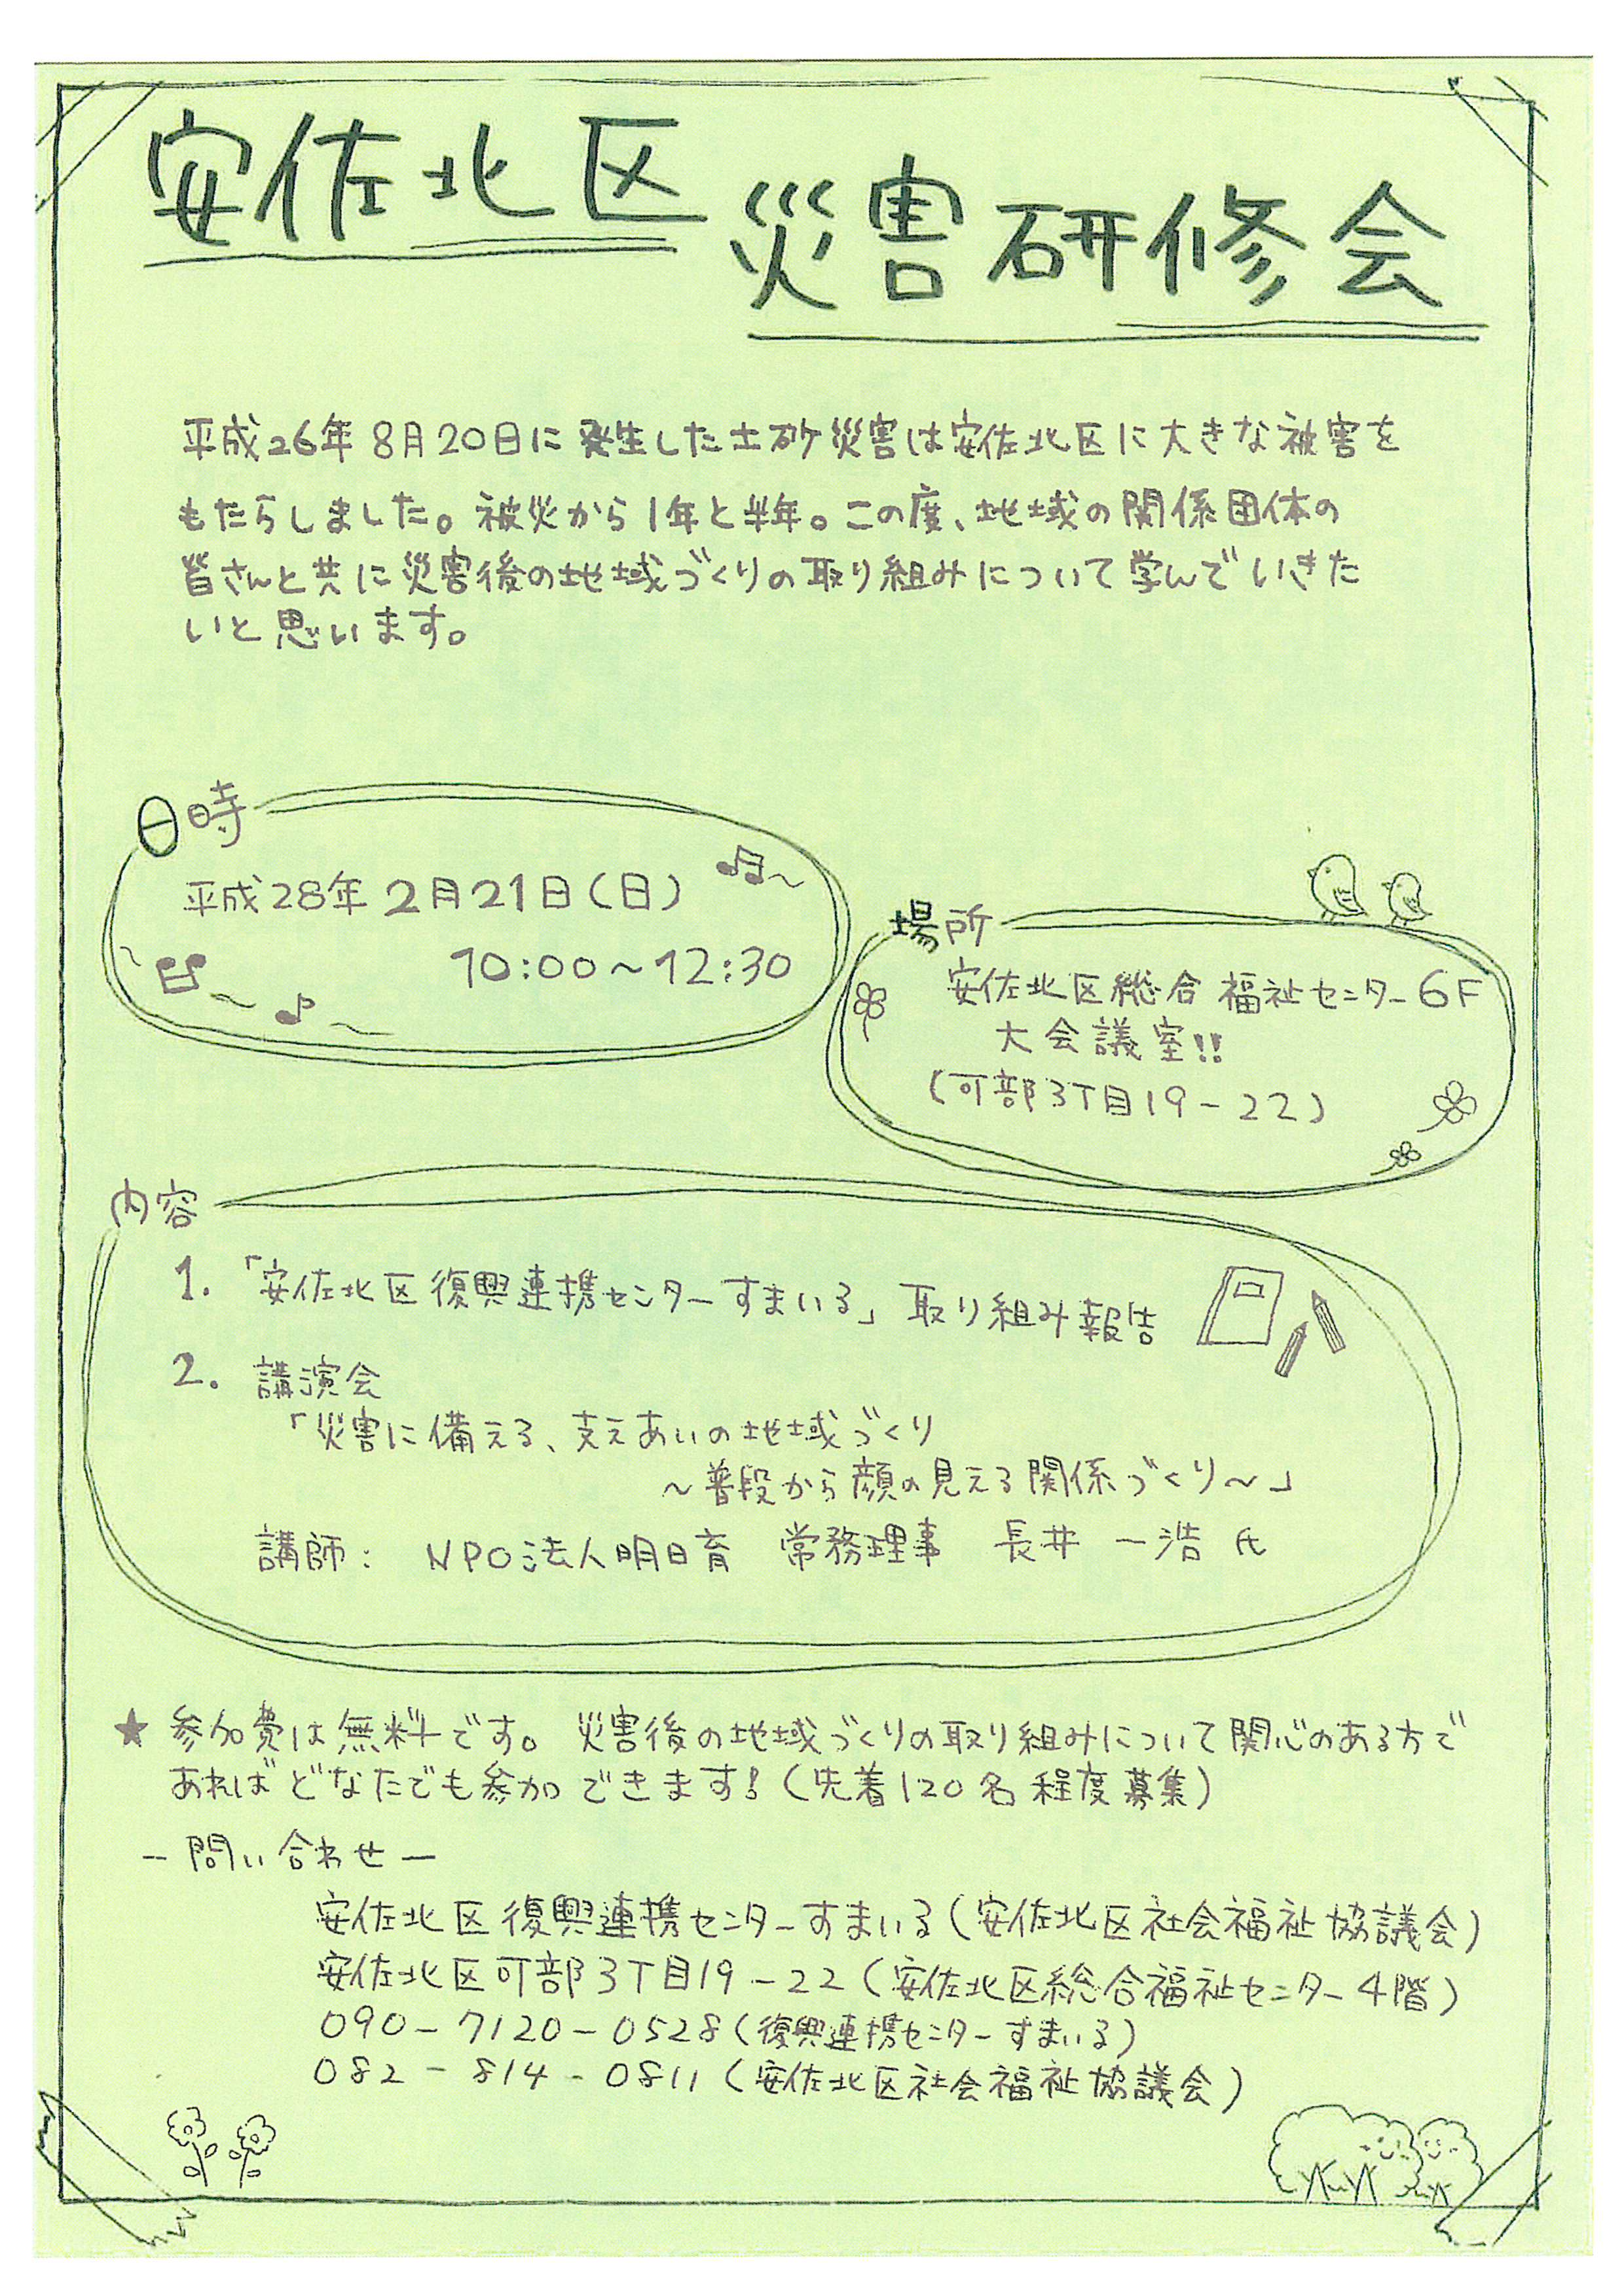 [イベント]安佐北区災害研修会